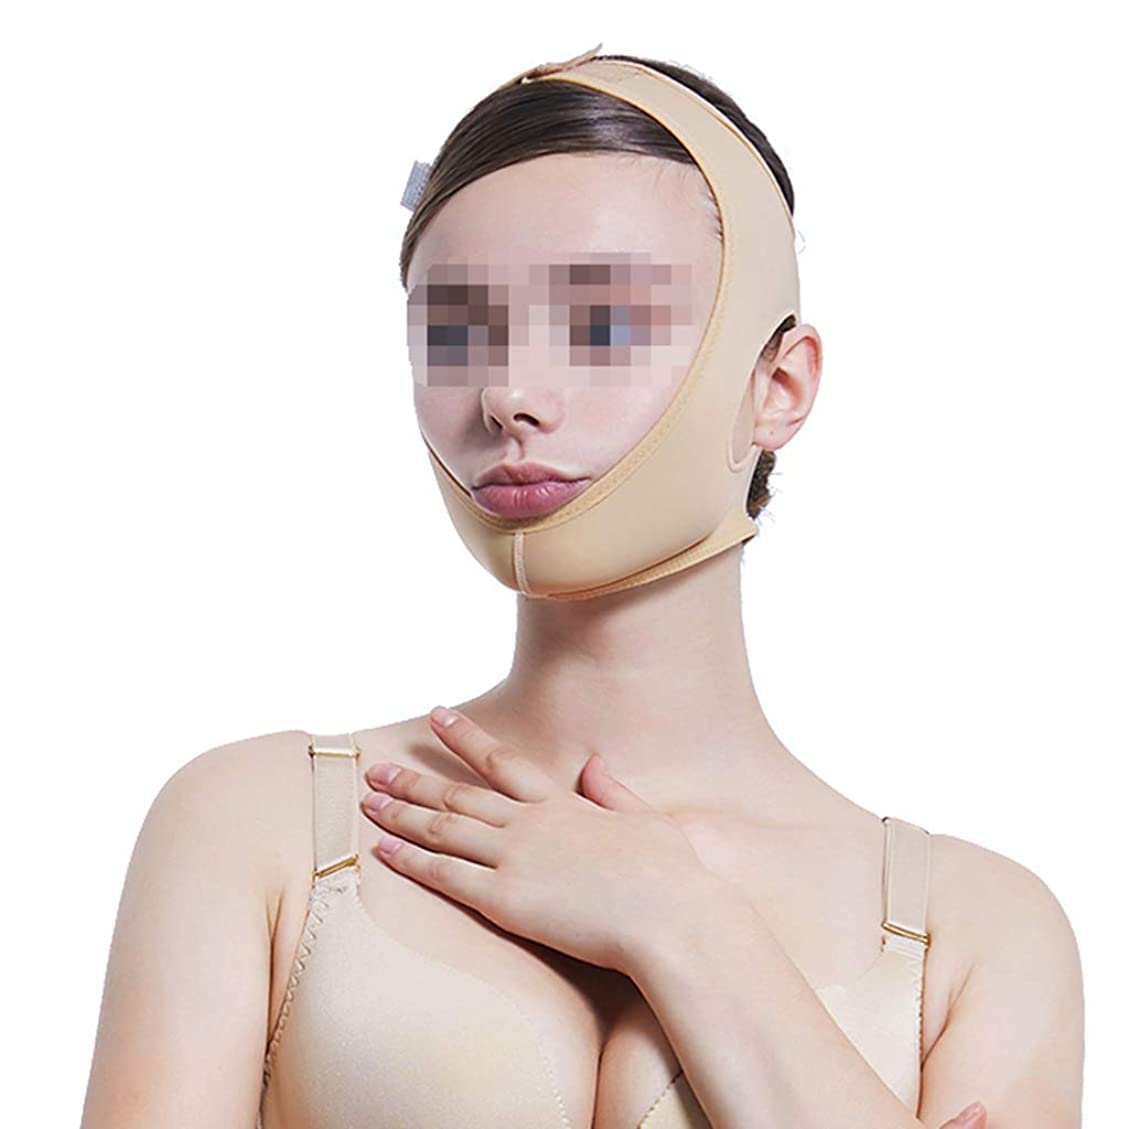 そばに切断する尊厳ビームフェイス弾性ヘッドギア、ダブルあごのあごのセットをマスクの後に線彫り薄いフェイス包帯マルチサイズオプション(サイズ:XS),M